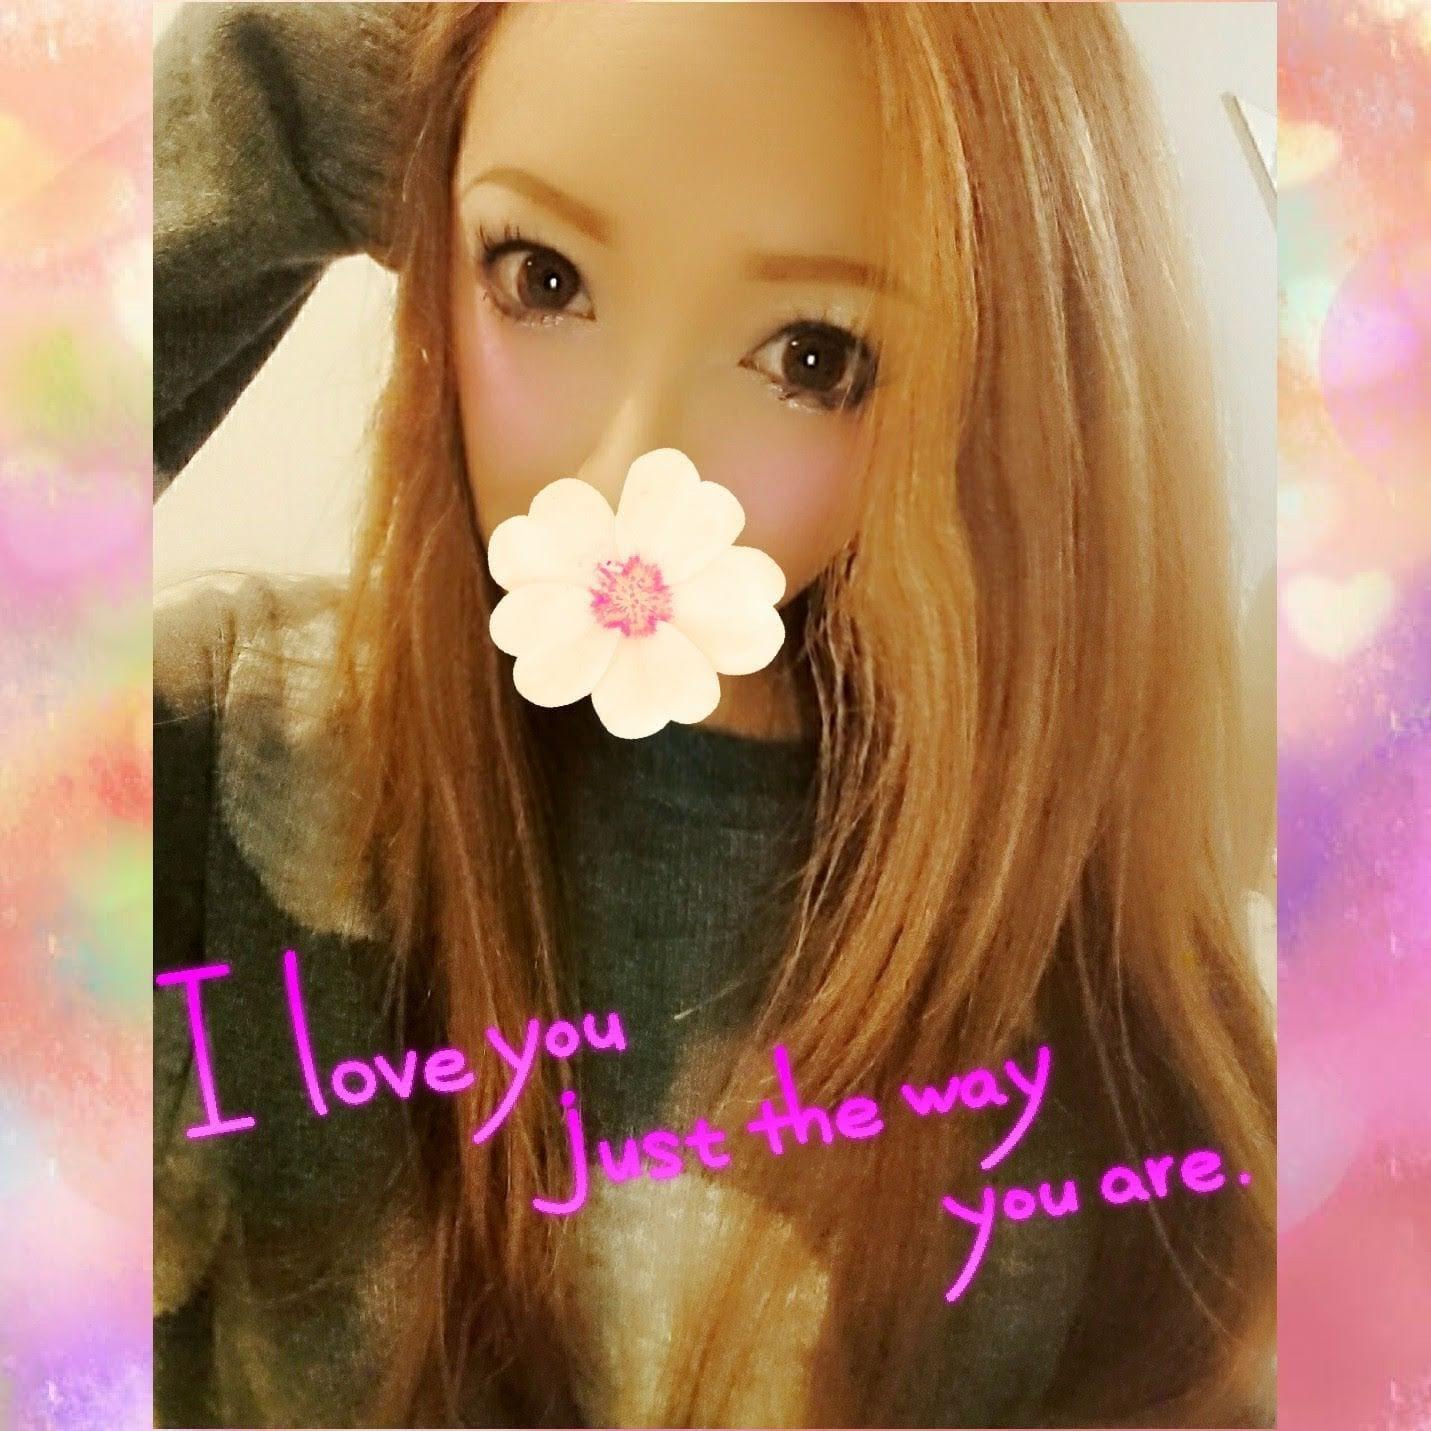 「幸せでした笑」02/22(02/22) 17:27 | まりあの写メ・風俗動画